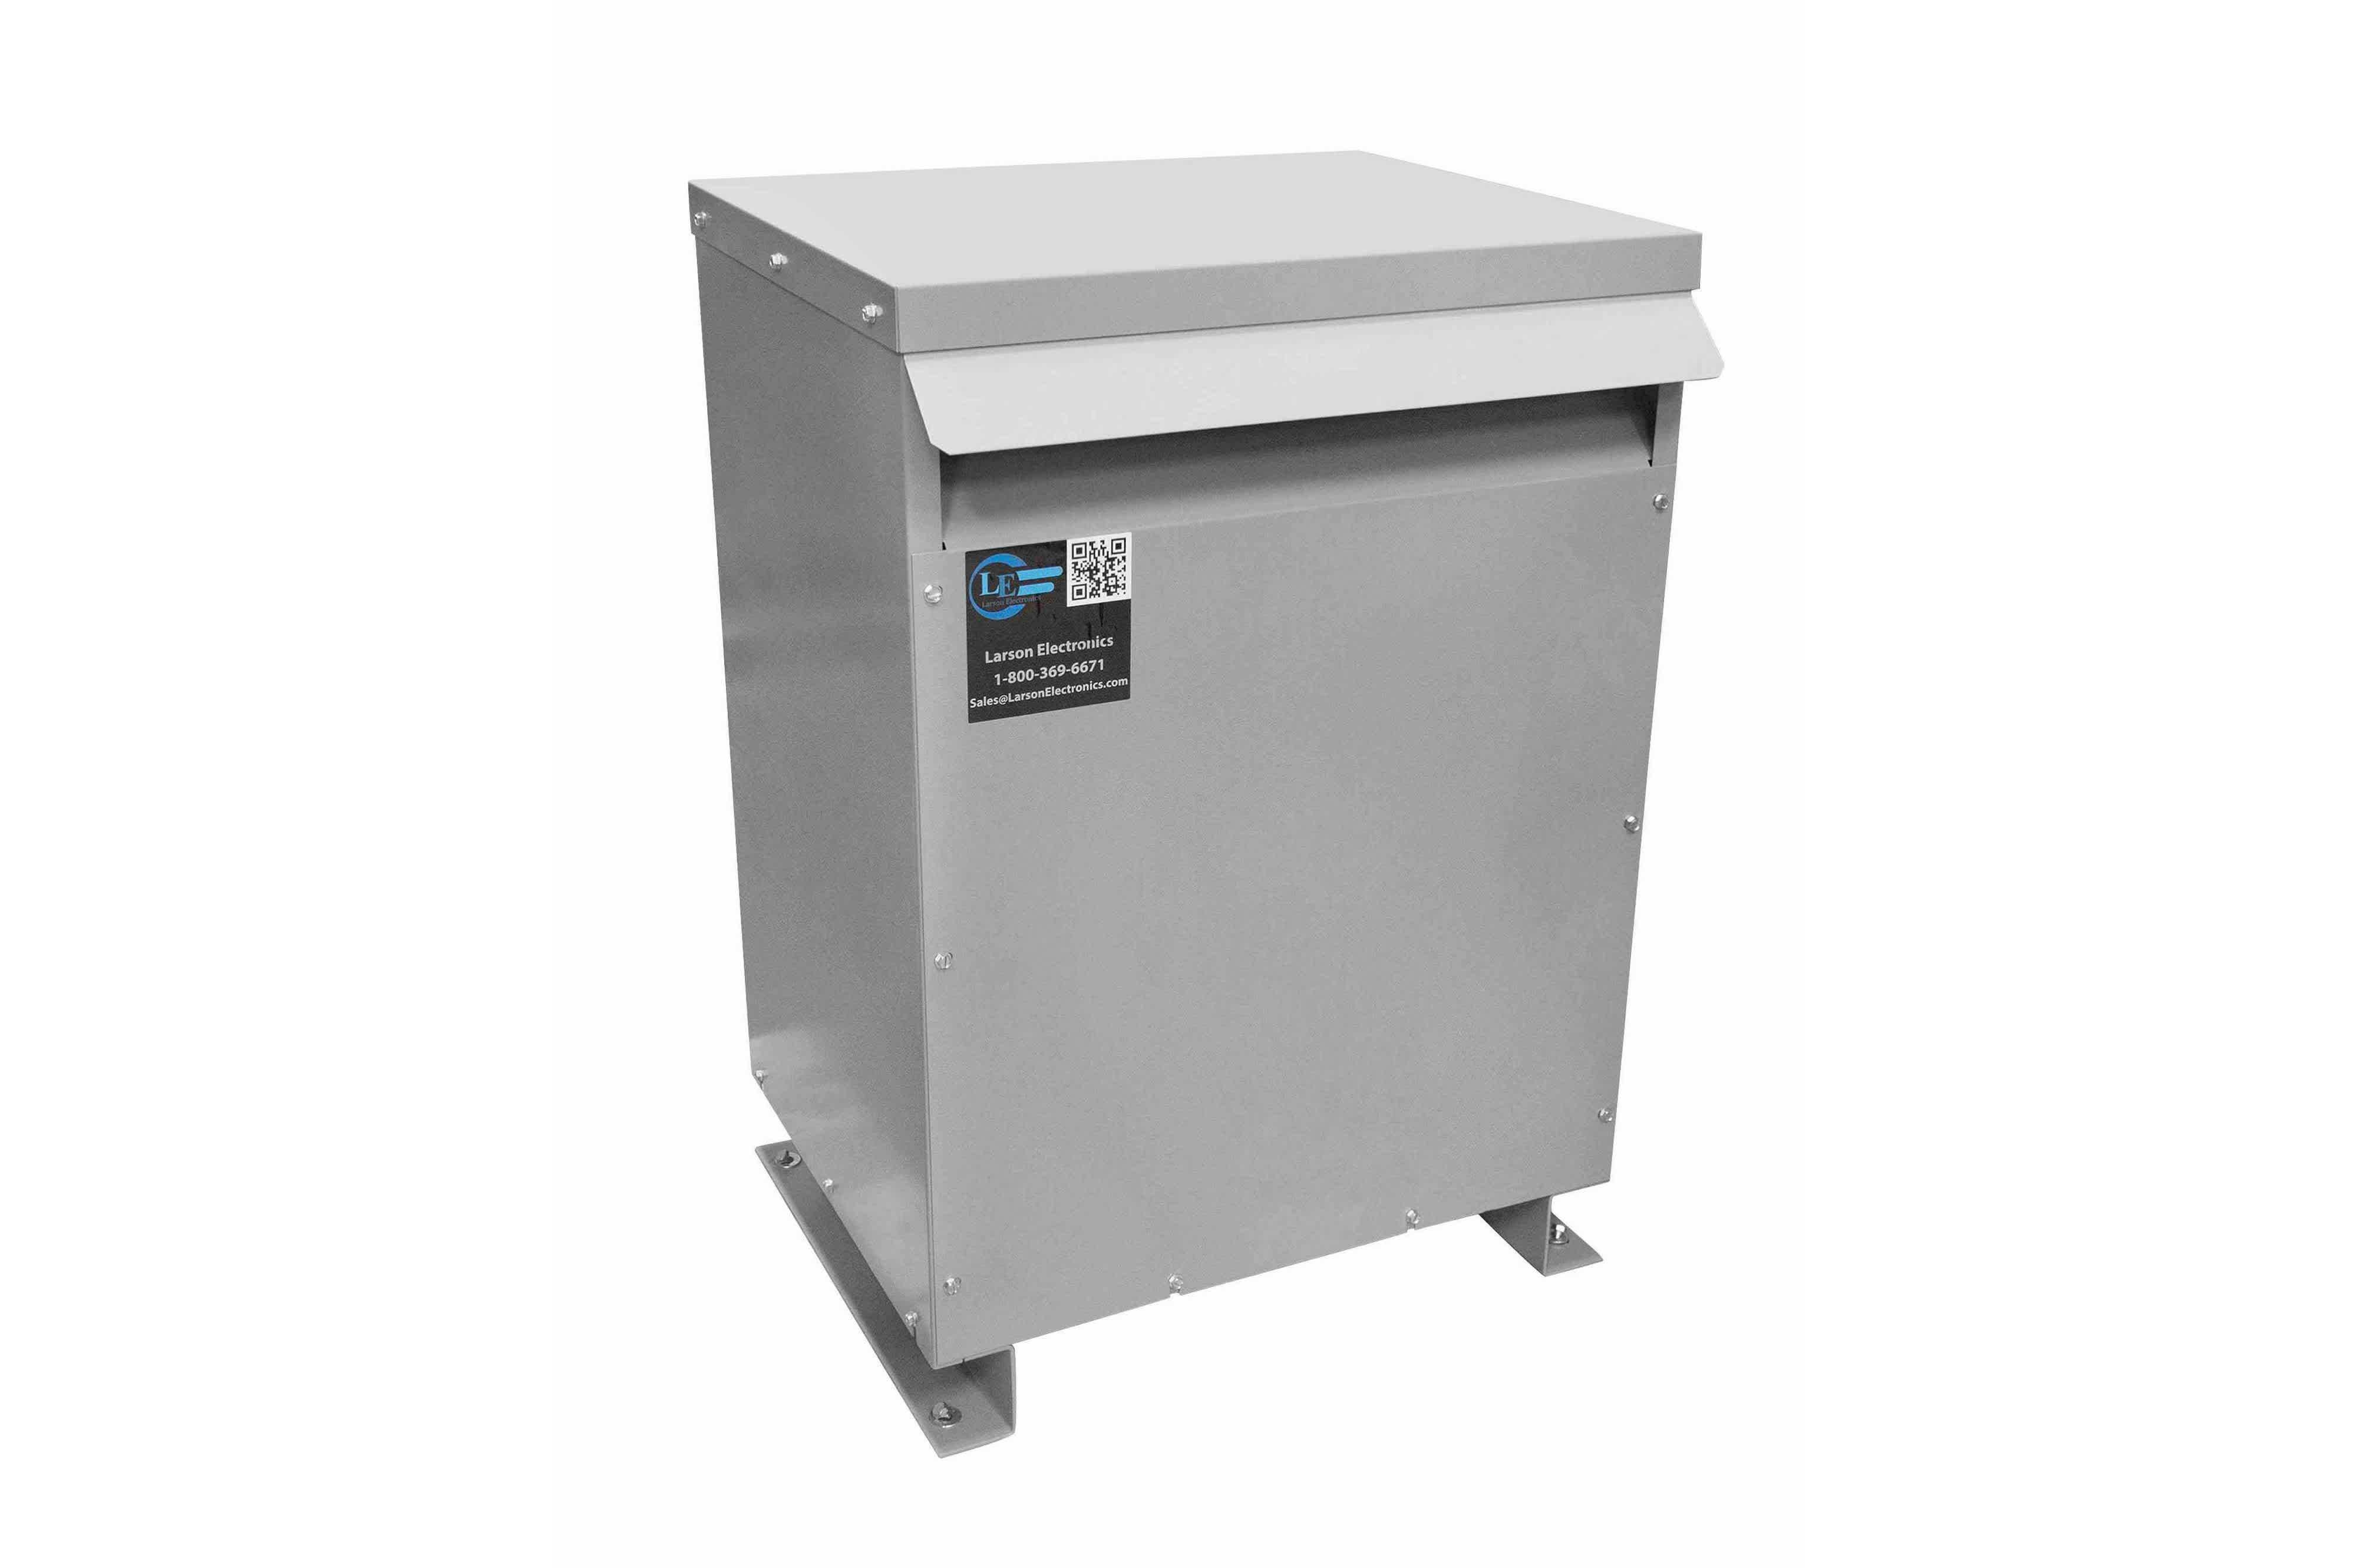 40 kVA 3PH Isolation Transformer, 240V Delta Primary, 415V Delta Secondary, N3R, Ventilated, 60 Hz